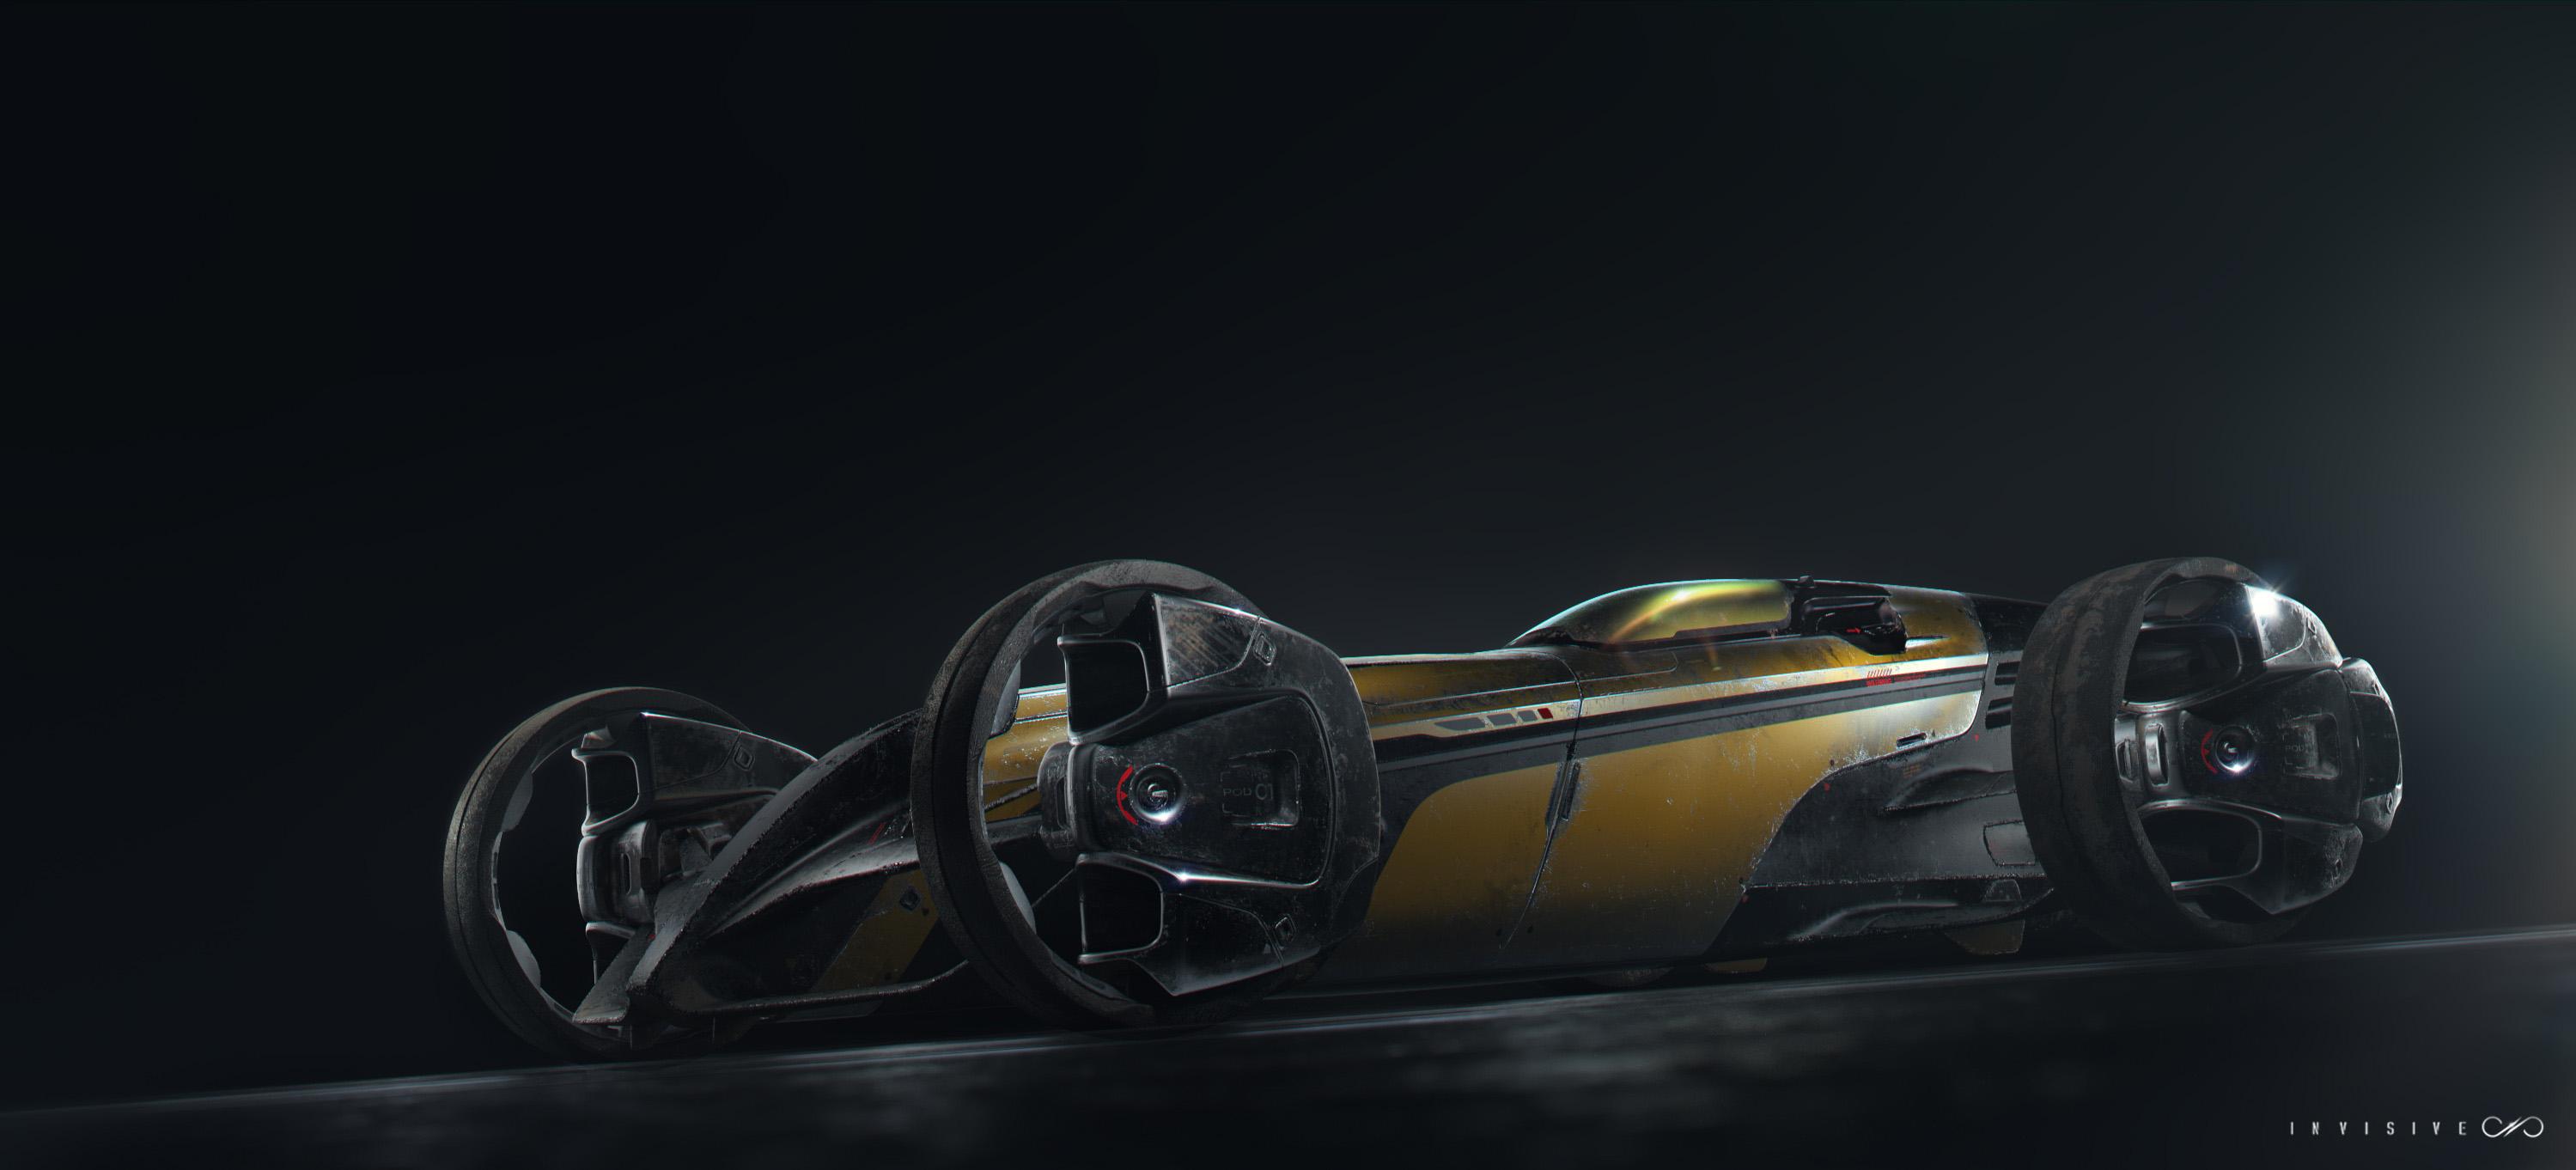 Test render of the Desert Runner